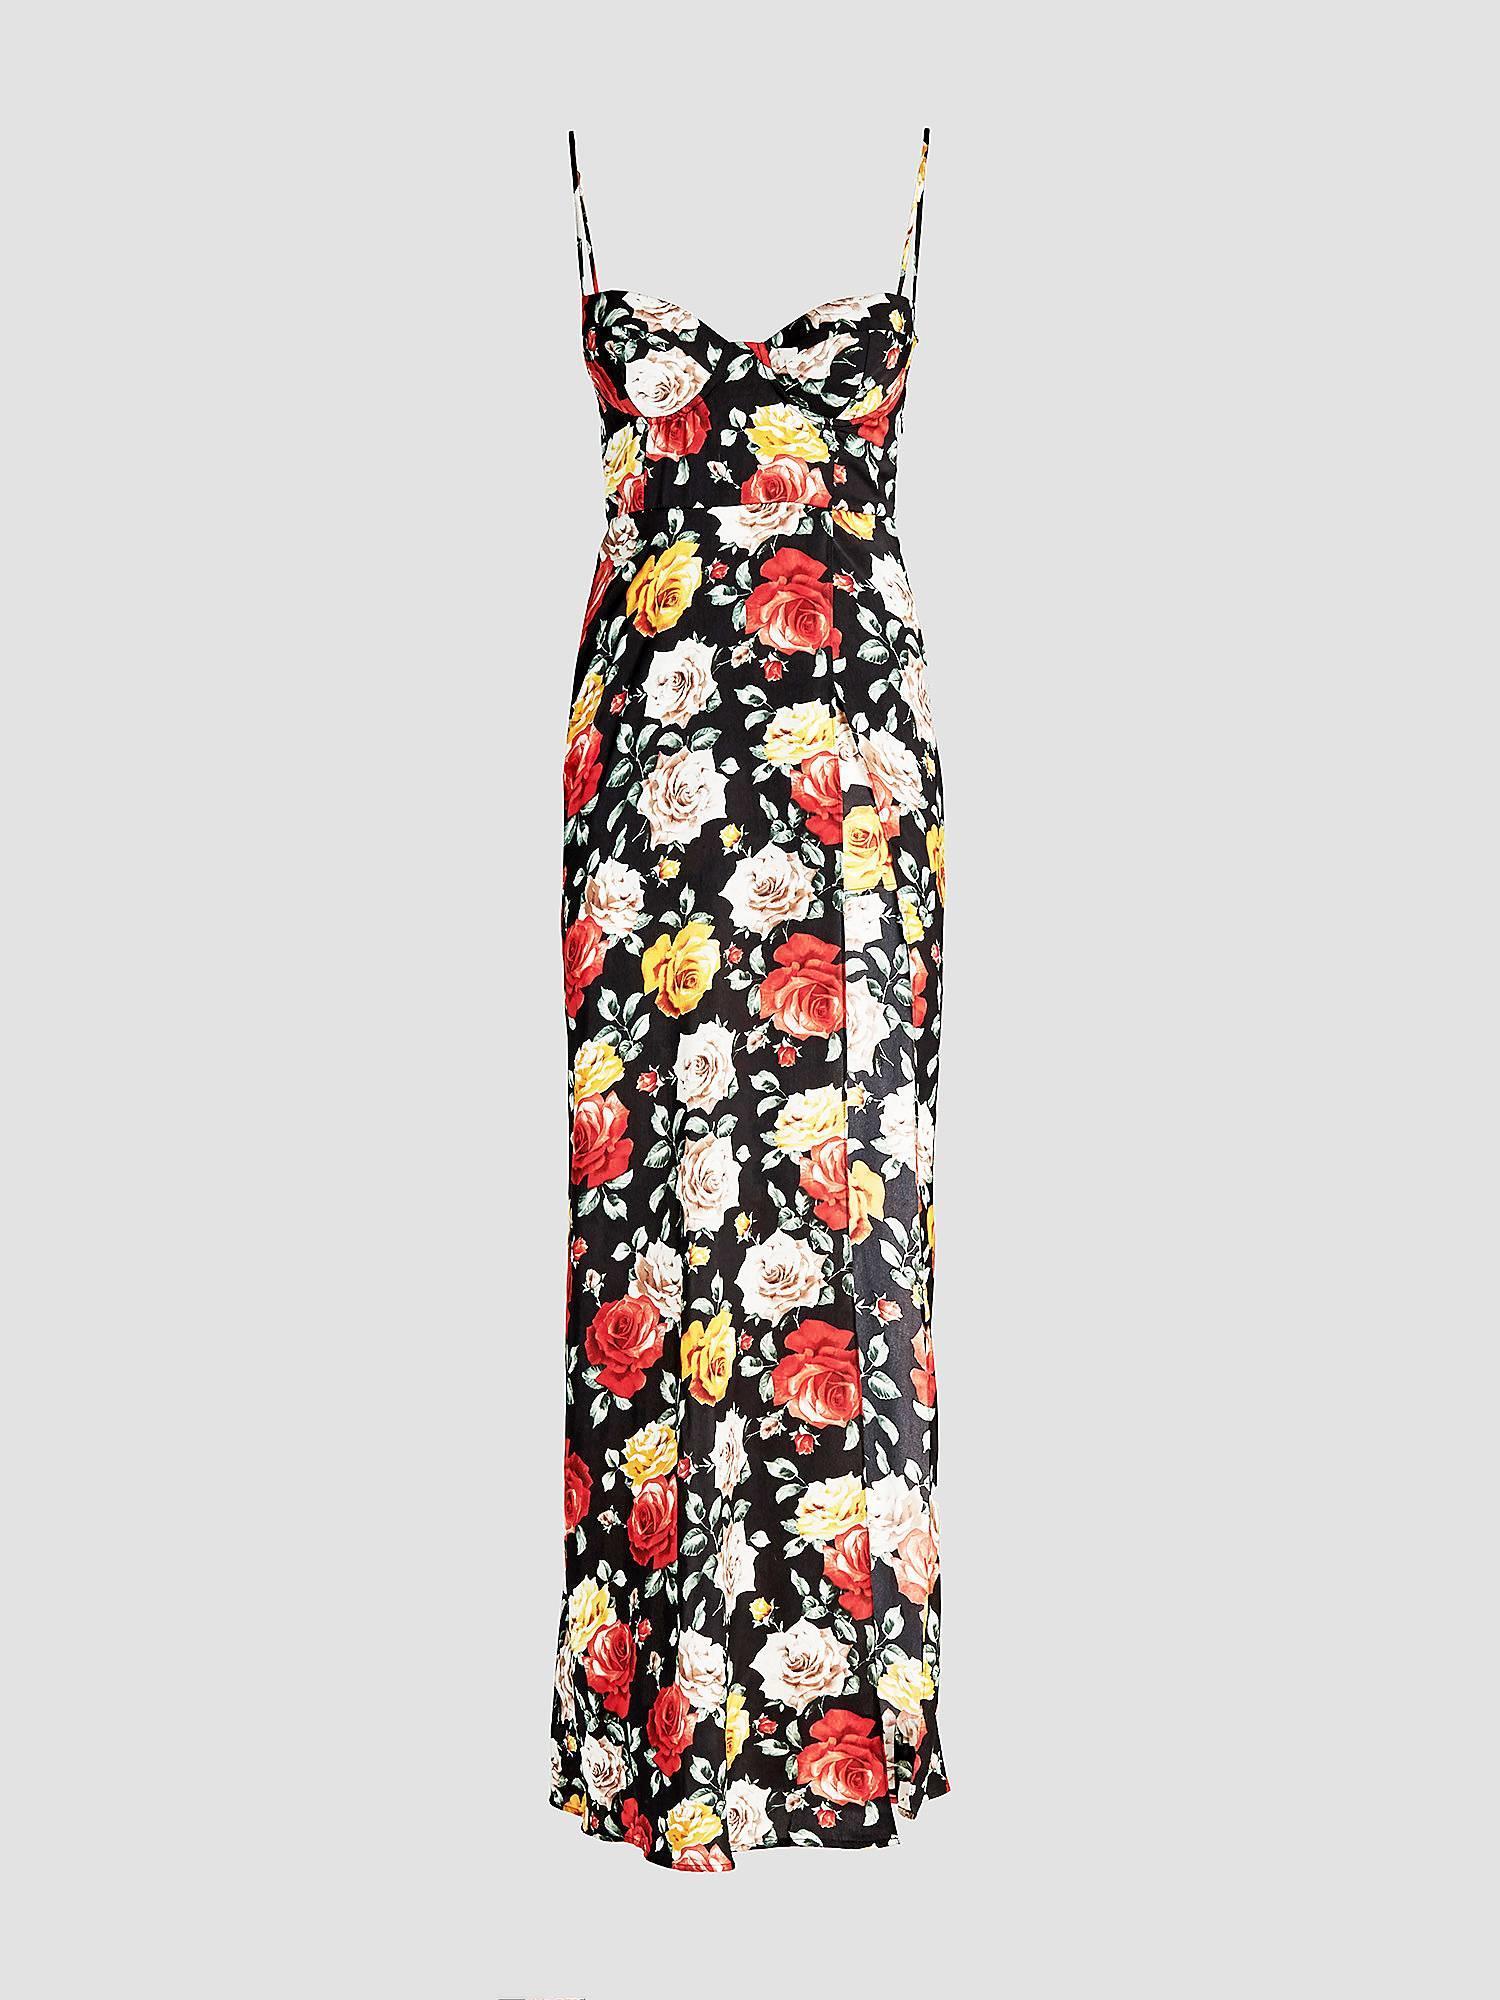 c706bcc5c Vestido de flores con abertura en la falda. Vestido de flores con abertura